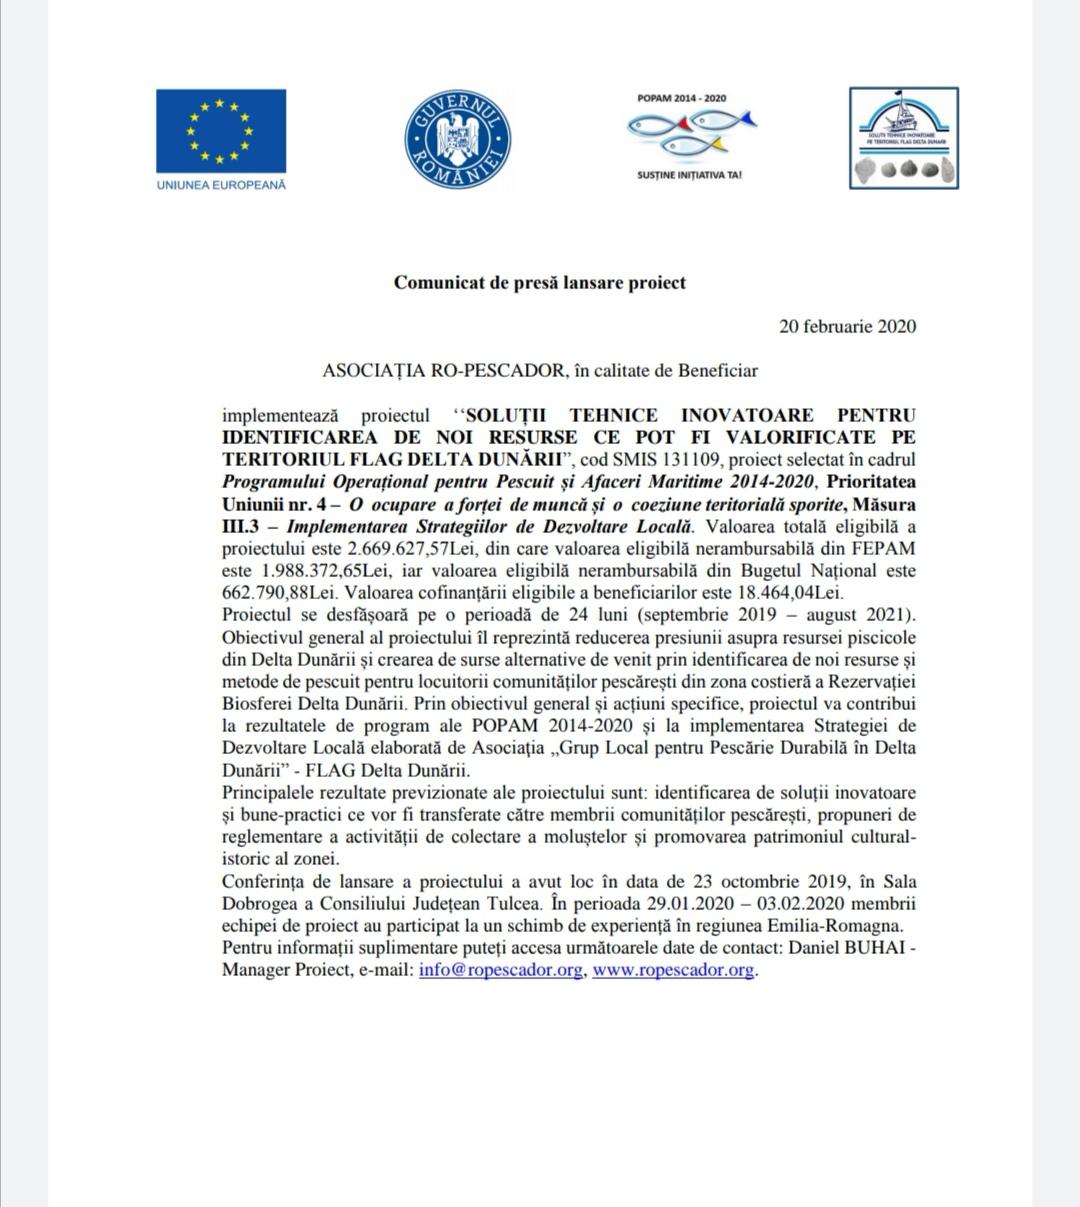 Comunicat de presă lansare proiect Asociația RO-PESCADOR